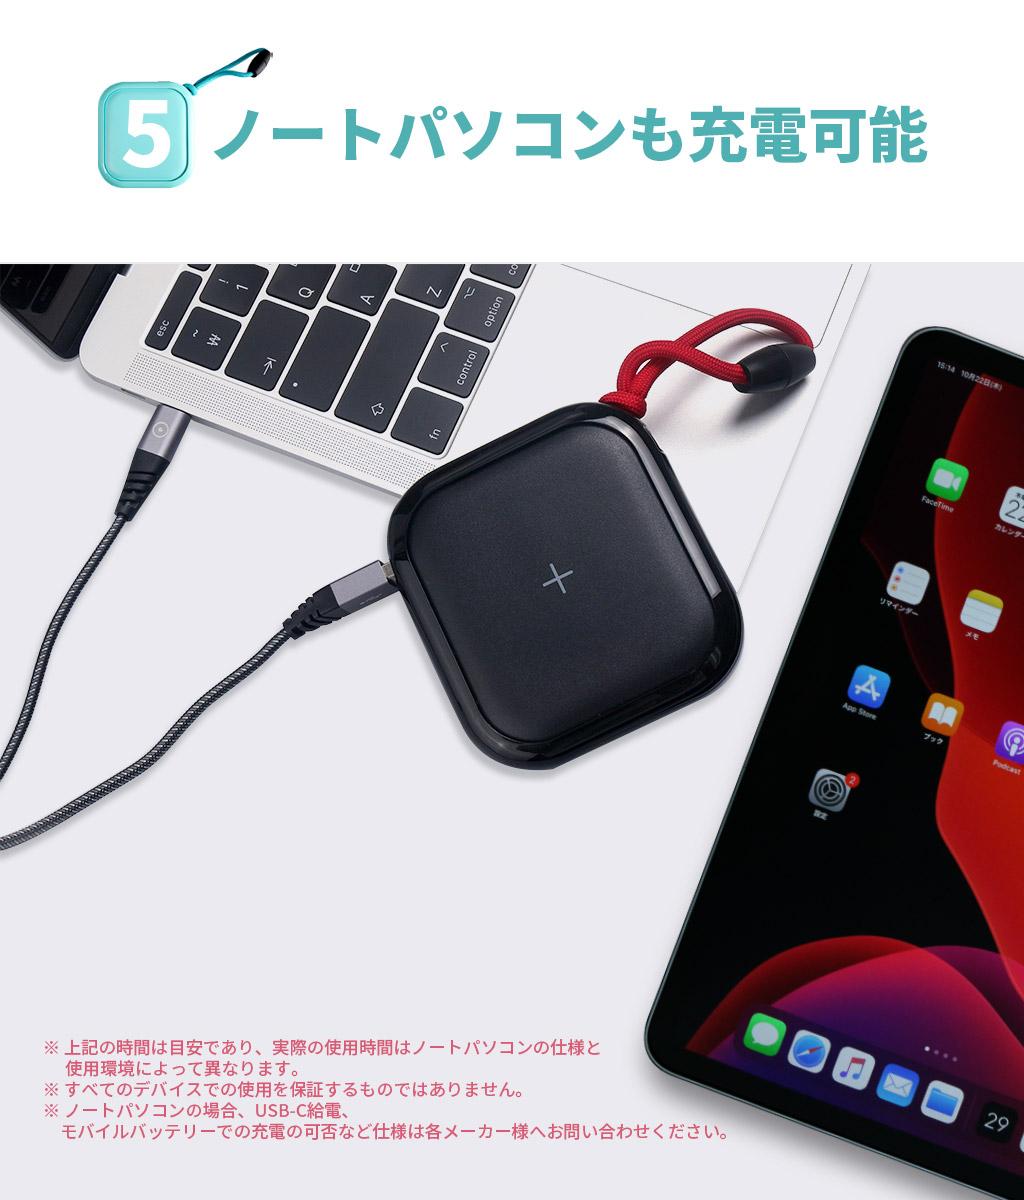 MIPOW ワイヤレスモバイルバッテリー POWER CUBE PRO 10,000mAh ブラック